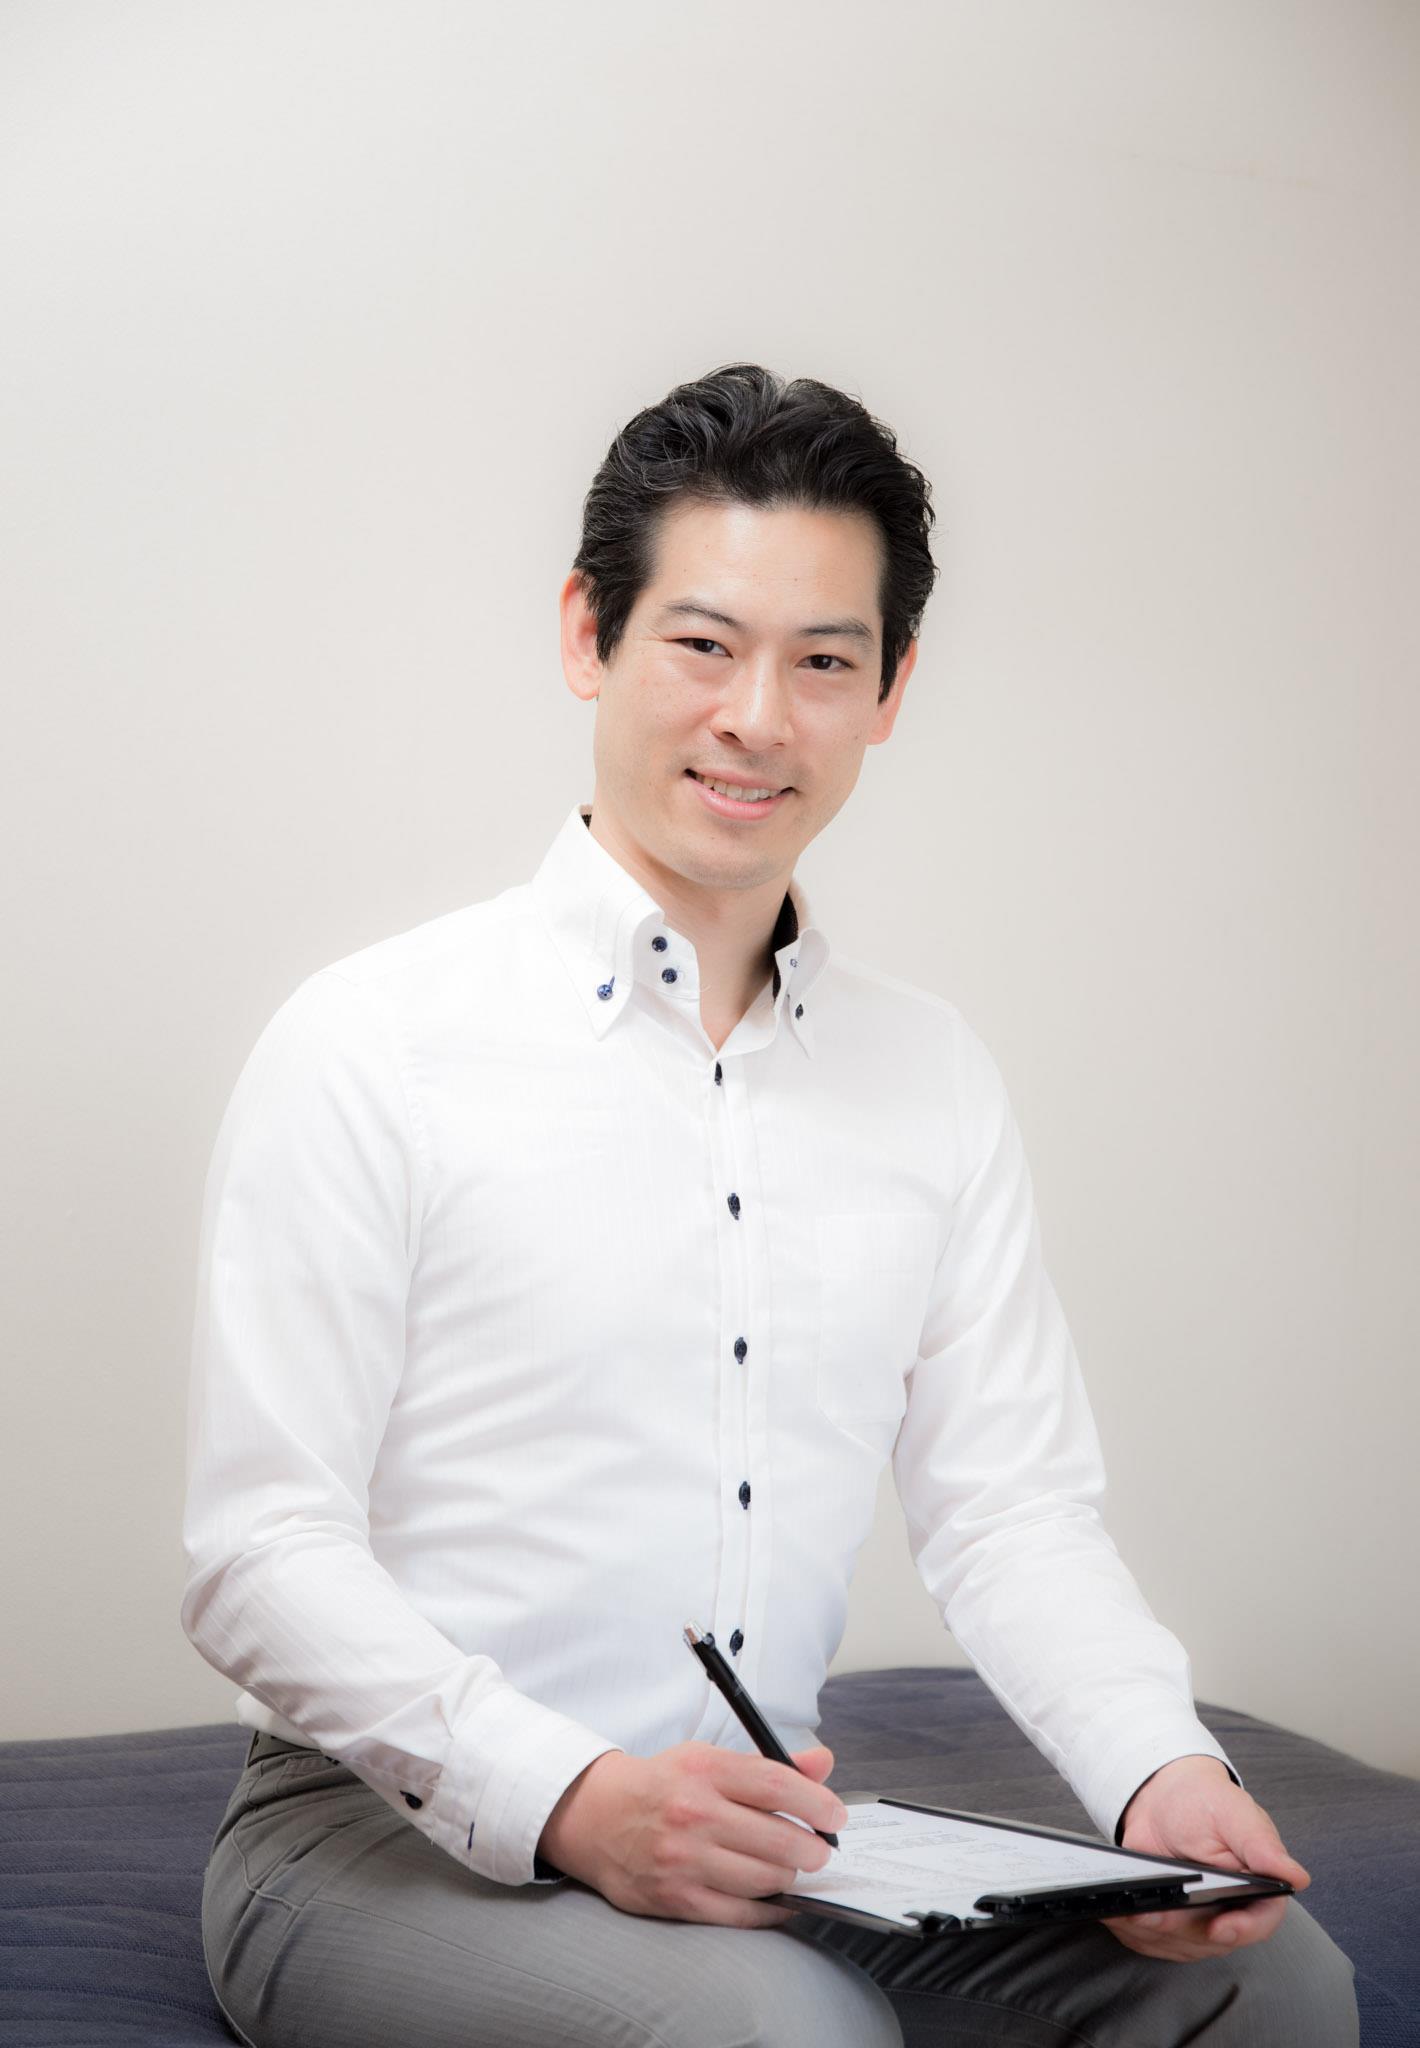 129.多文化CROSSインタビュー 大堀亮造さん